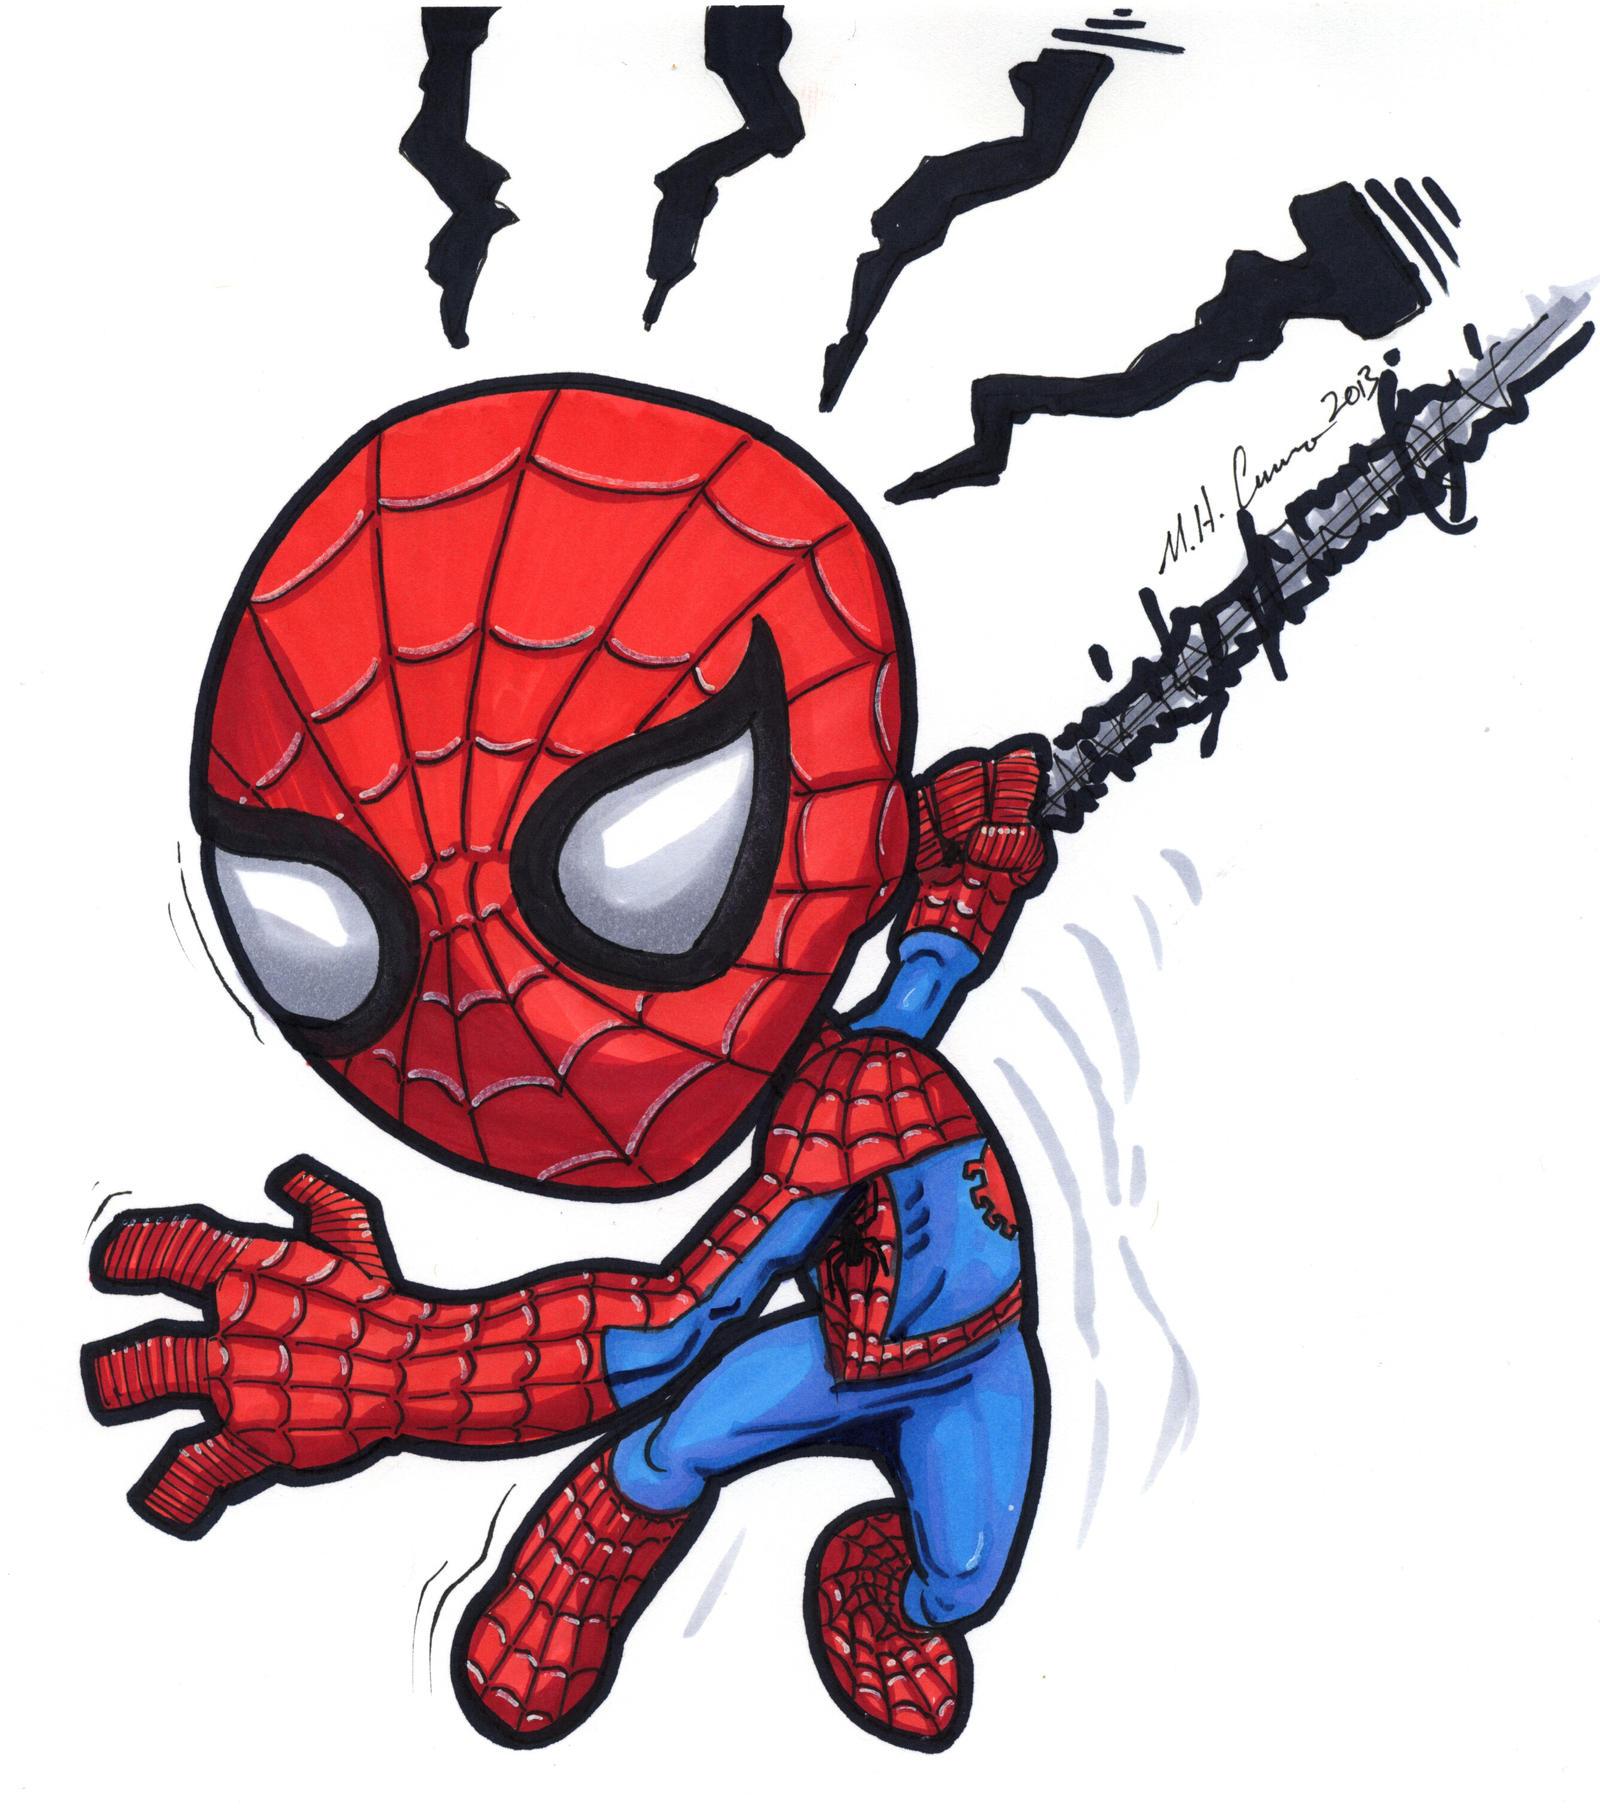 Chibi Spiderman by artildawn on DeviantArt